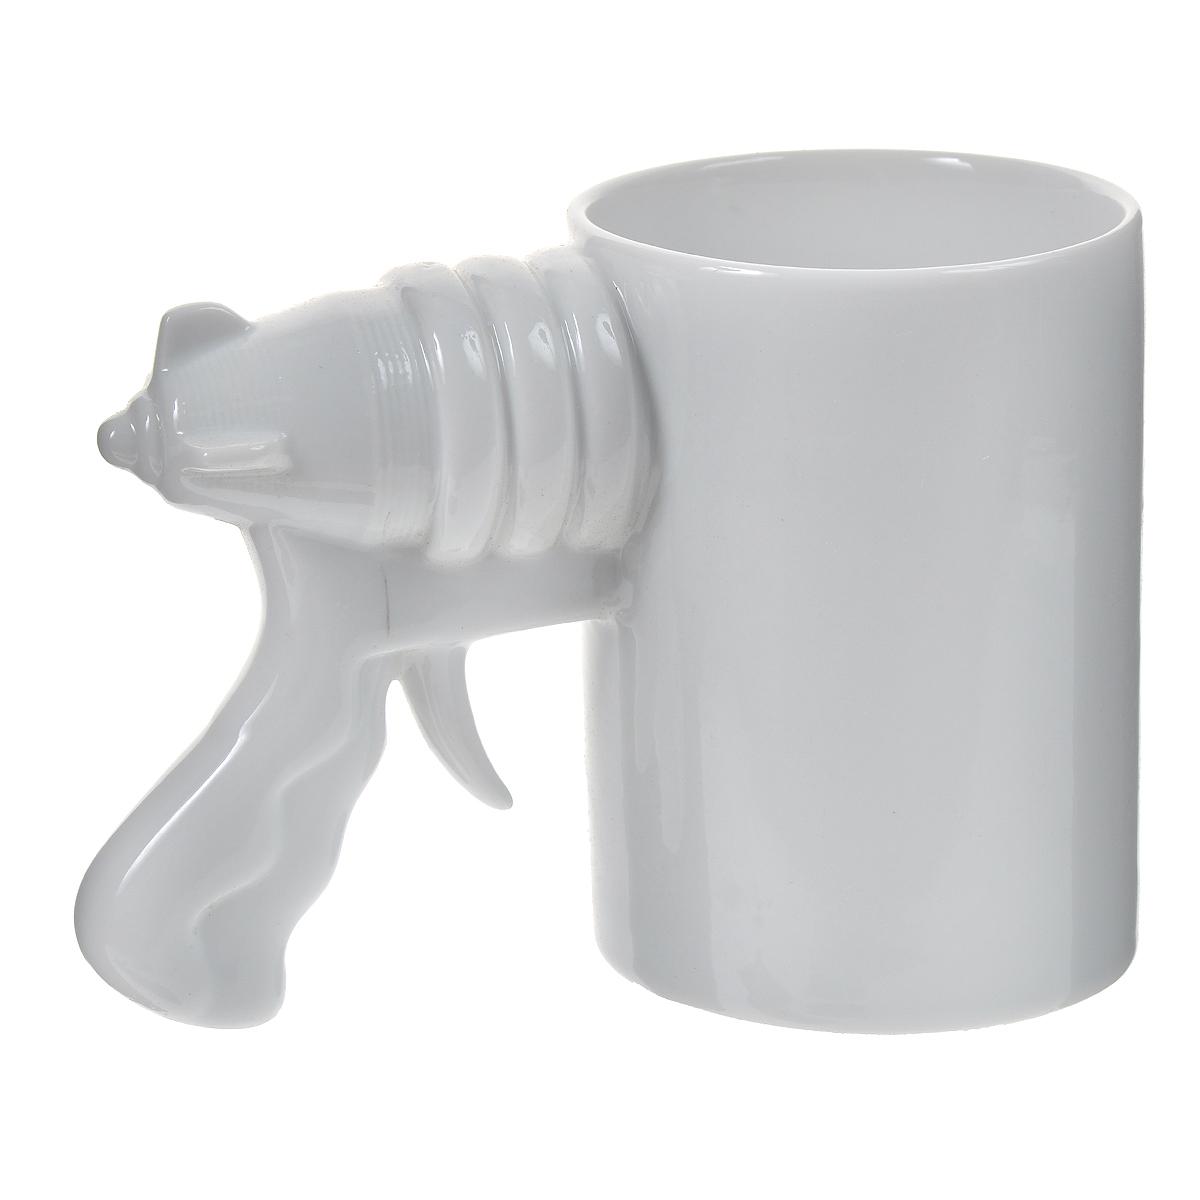 Кружка Бластер, цвет: белый. 003430003430Оригинальная кружка Бластер выполнена из керамики. Ручка кружки выполнена в виде рукоятки бластера.Такая кружка станет не только приятным, но и практичным сувениром, а оригинальный дизайн вызовет улыбку. Характеристики:Материал:керамика. Высота кружки:10,2 см. Диаметр по верхнему краю: 7,5 см. Размер упаковки:12,5 см х 9 см х 15,3 см. Артикул: 003430.